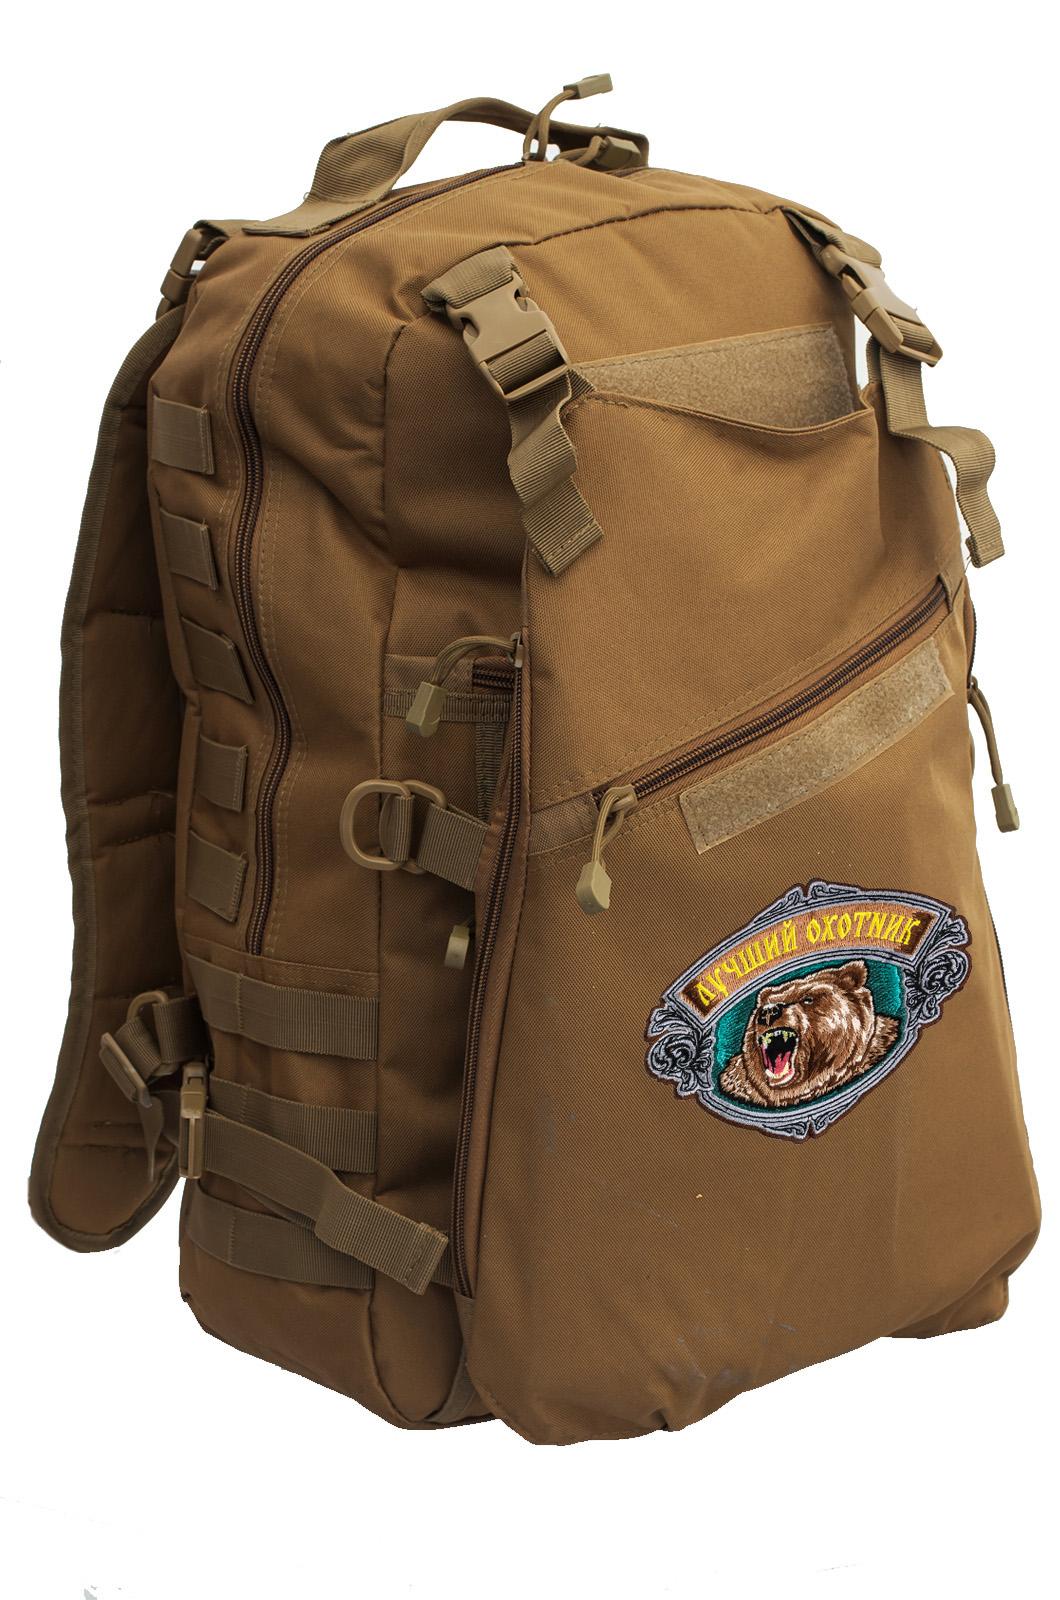 Зачетный рейдовый рюкзак с нашивкой Лучший Охотник - купить онлайн